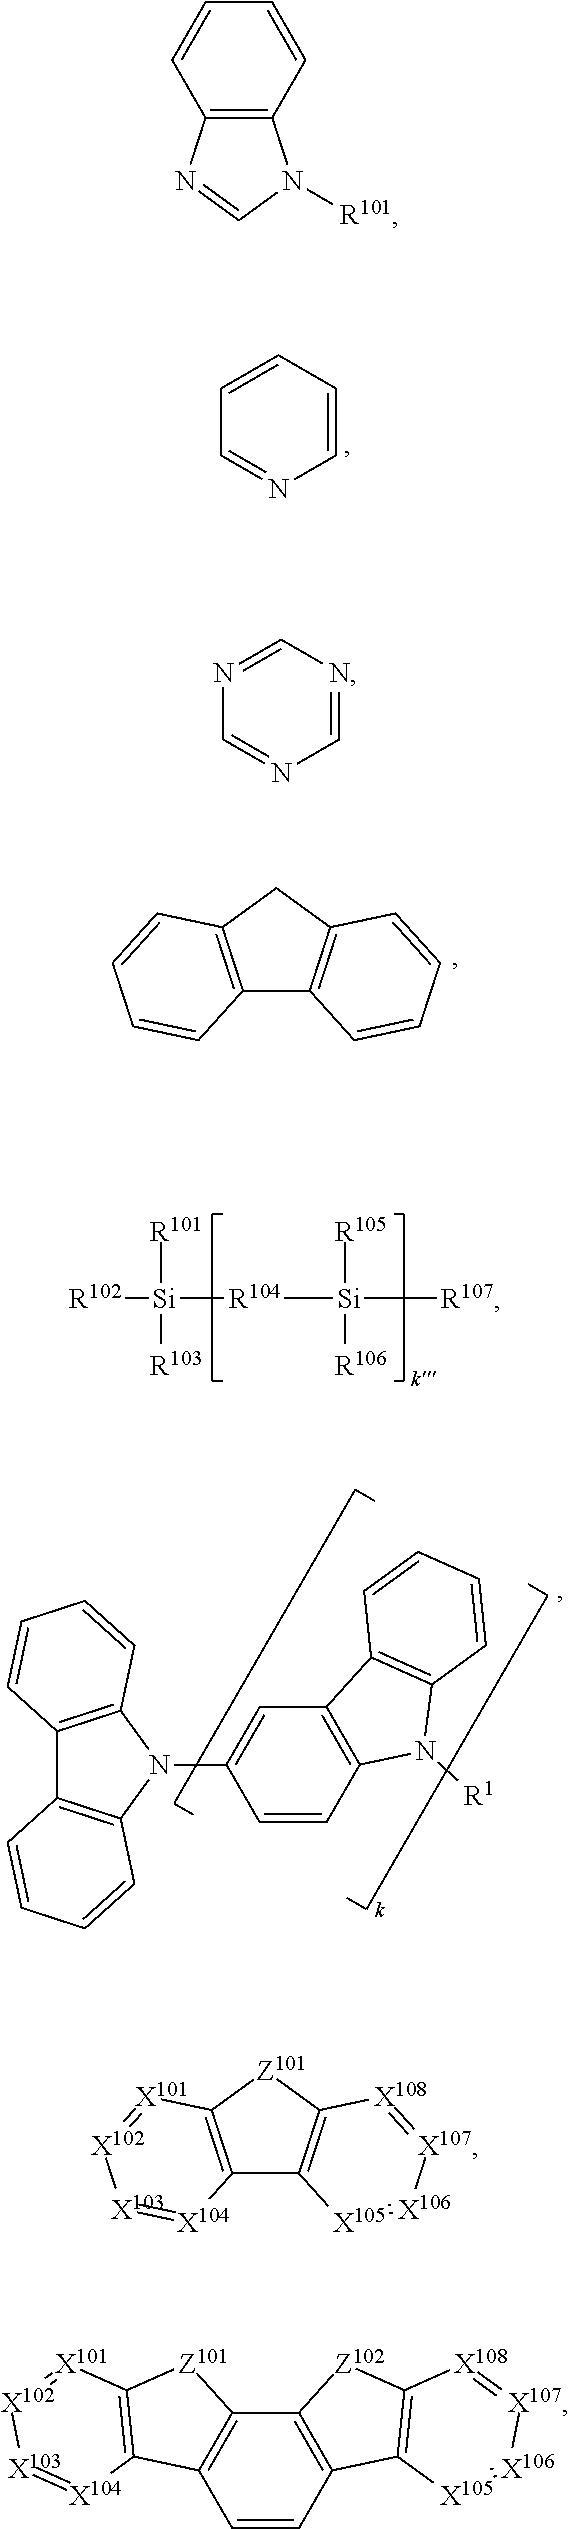 Figure US09711730-20170718-C00058